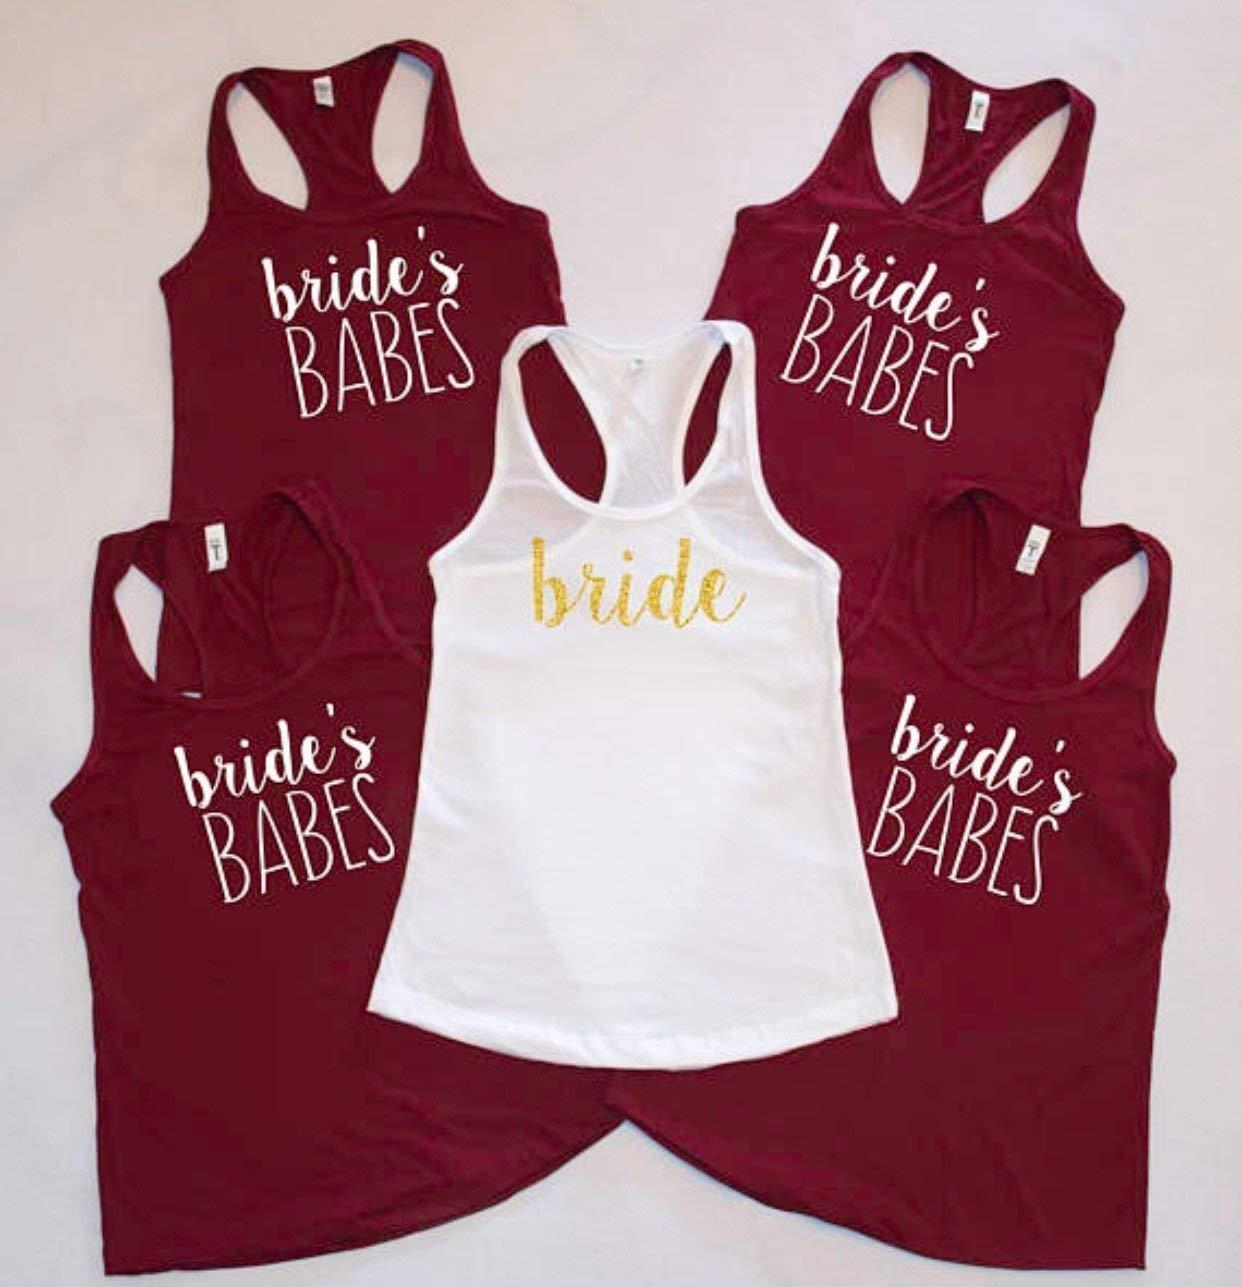 Amazon Brides Babes Bridesmaid Shirts Bachelorette Party